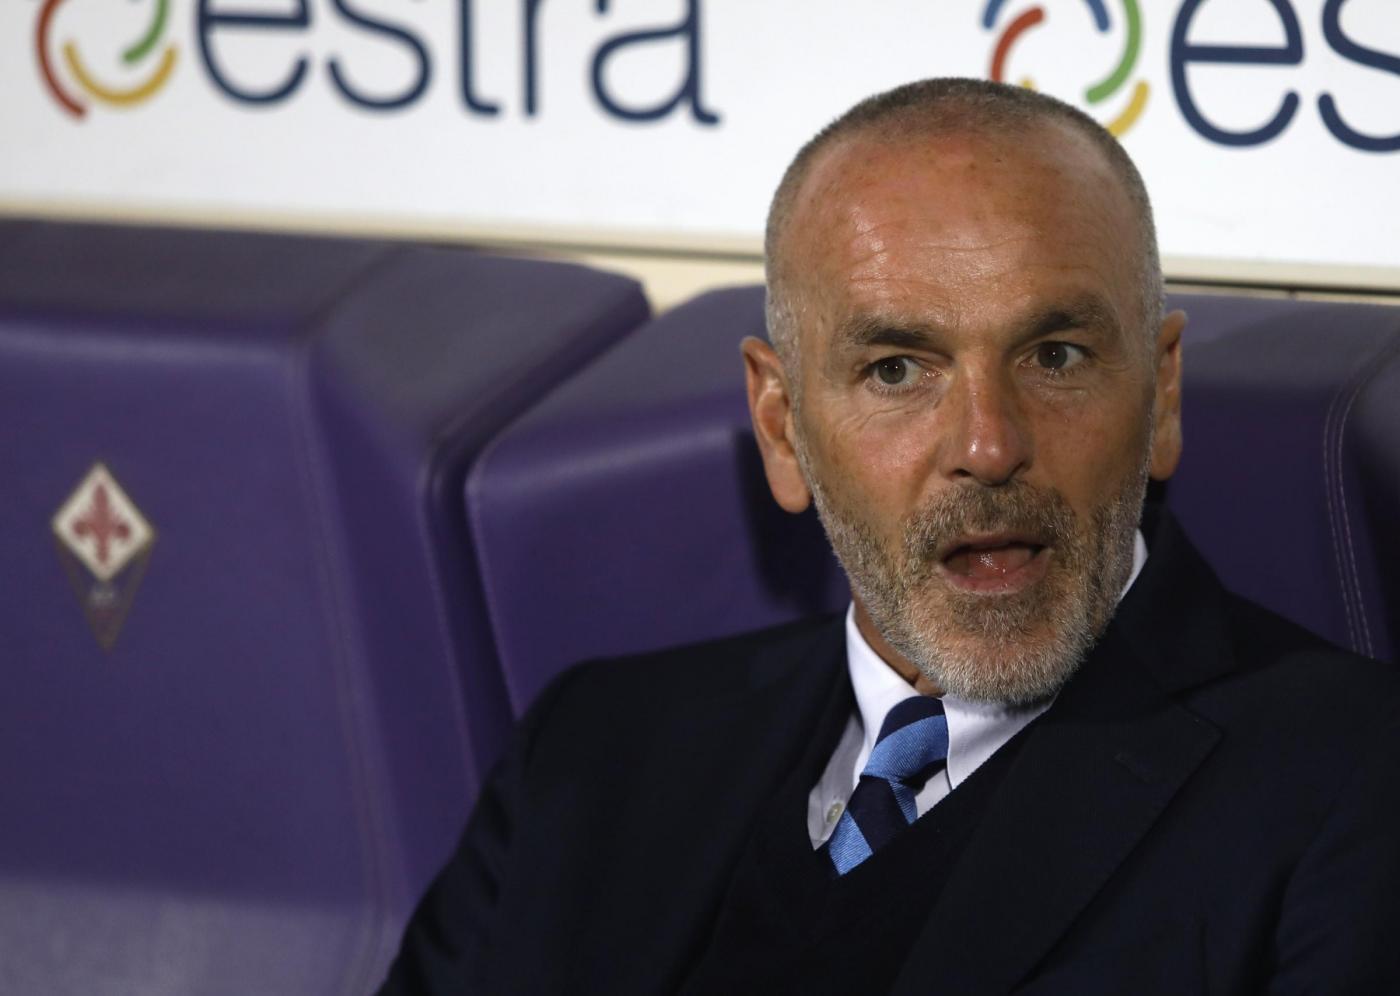 Nasce la Fiorentina di Stefano Pioli. Come giocherà la sua squadra, Bernardeschi c'è, Olivera terzino sinistro